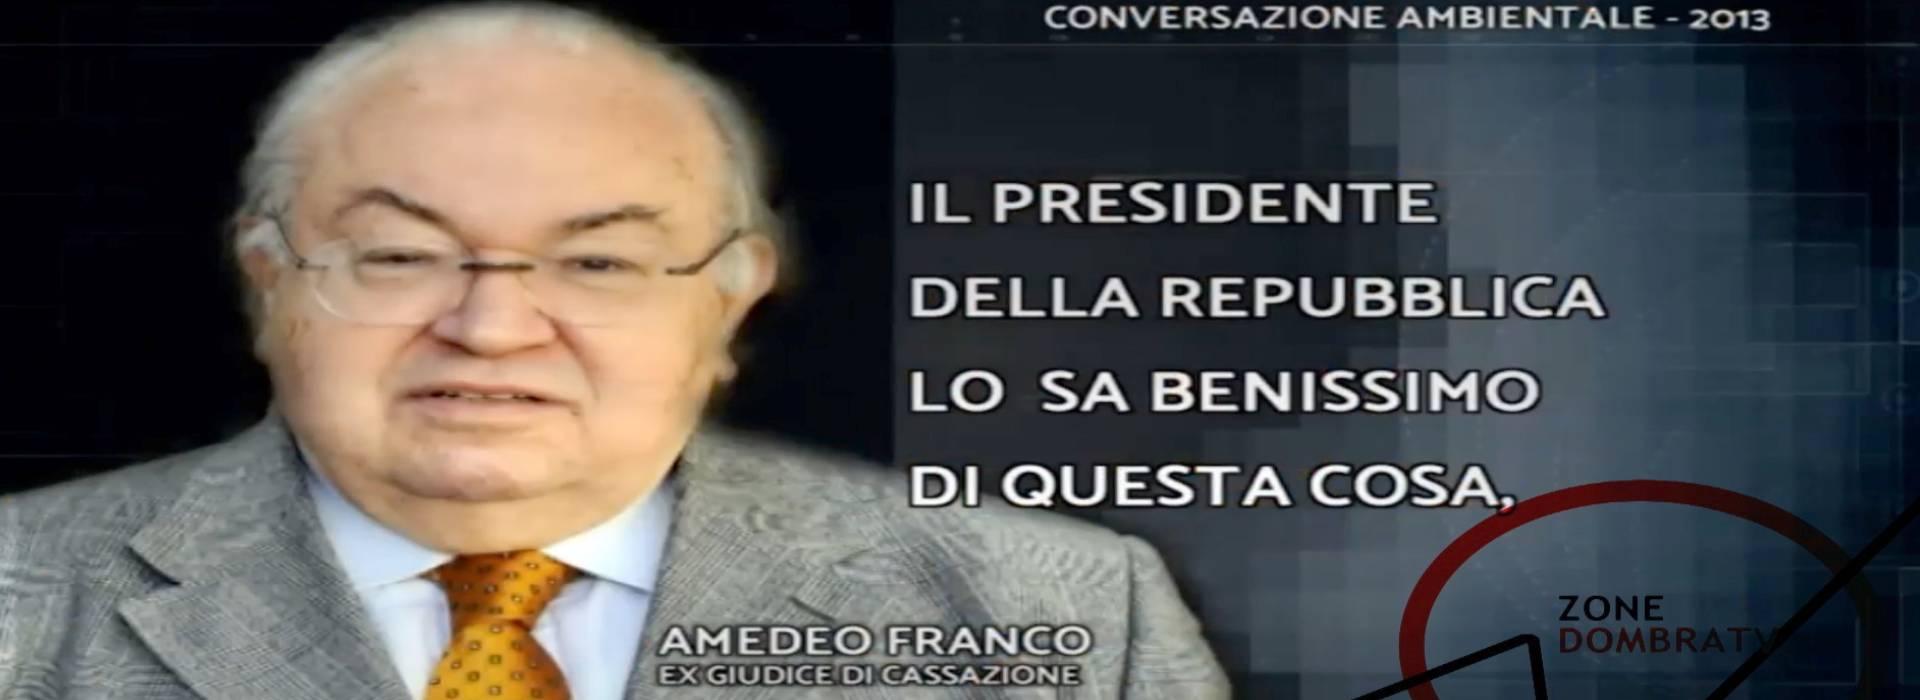 Complotto contro Silvio Berlusconi: la registrazione del relatore della sentenza. Anche il Presidente della Repubblica sapeva